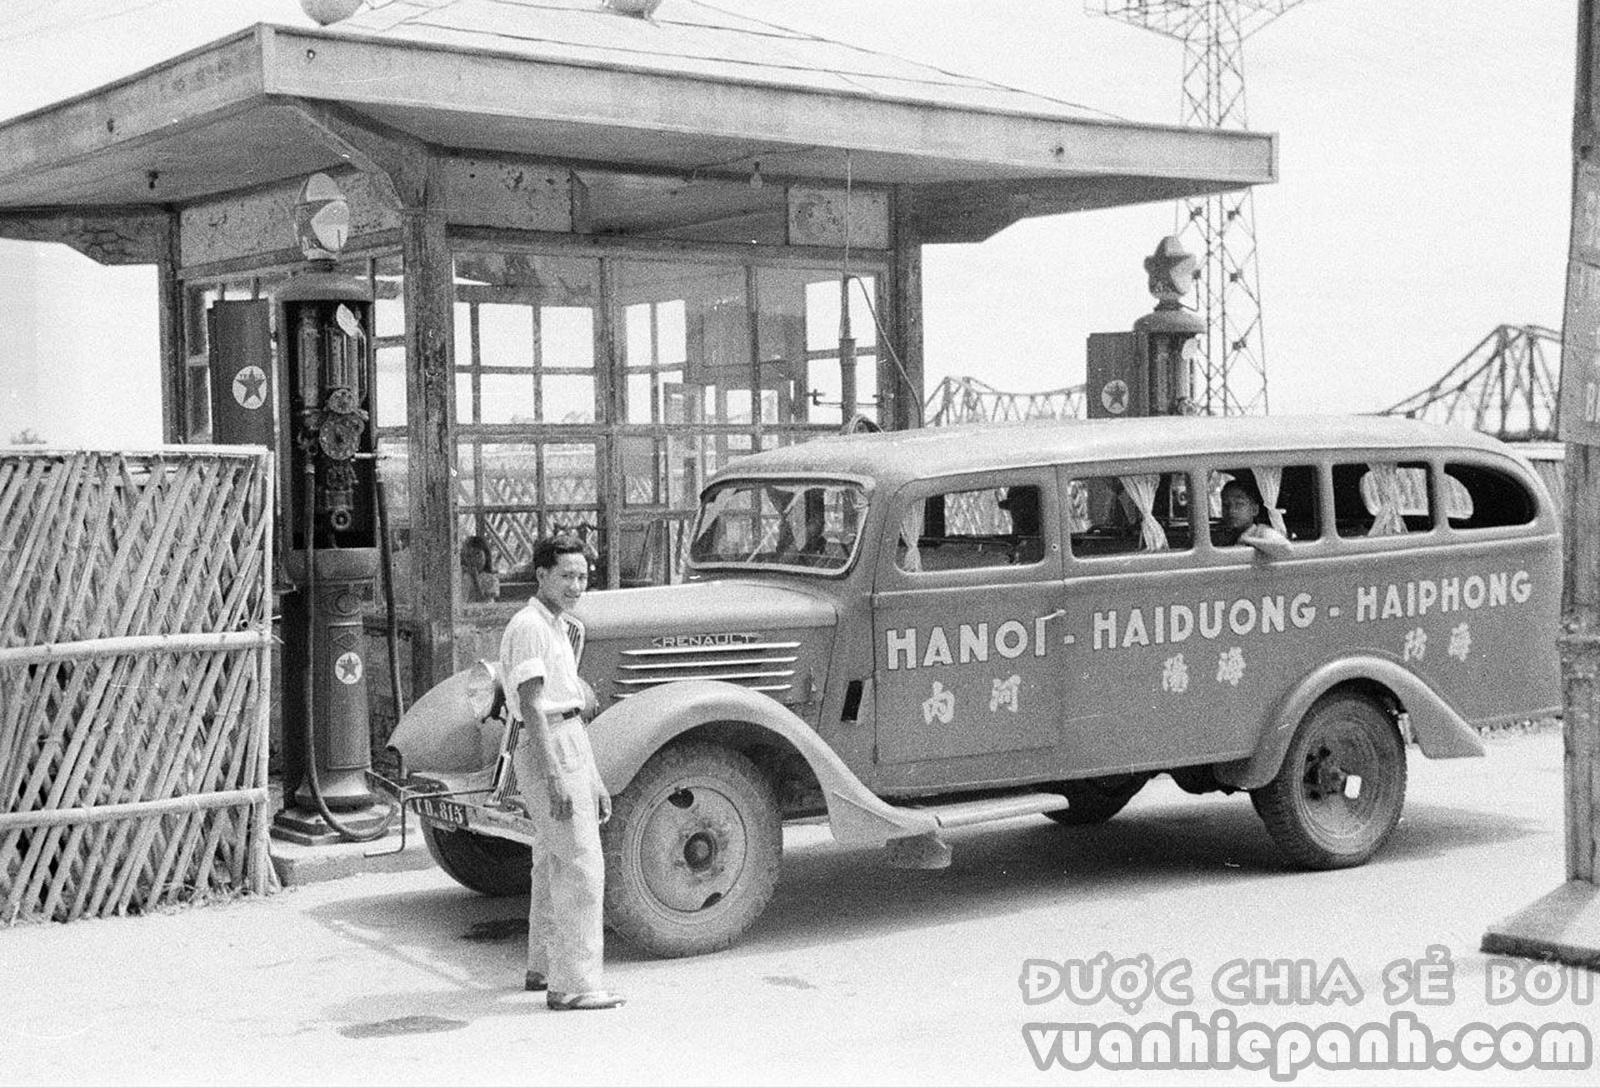 Hà Nội 1940. Trạm xăng Texaco gần cầu Long Biên.